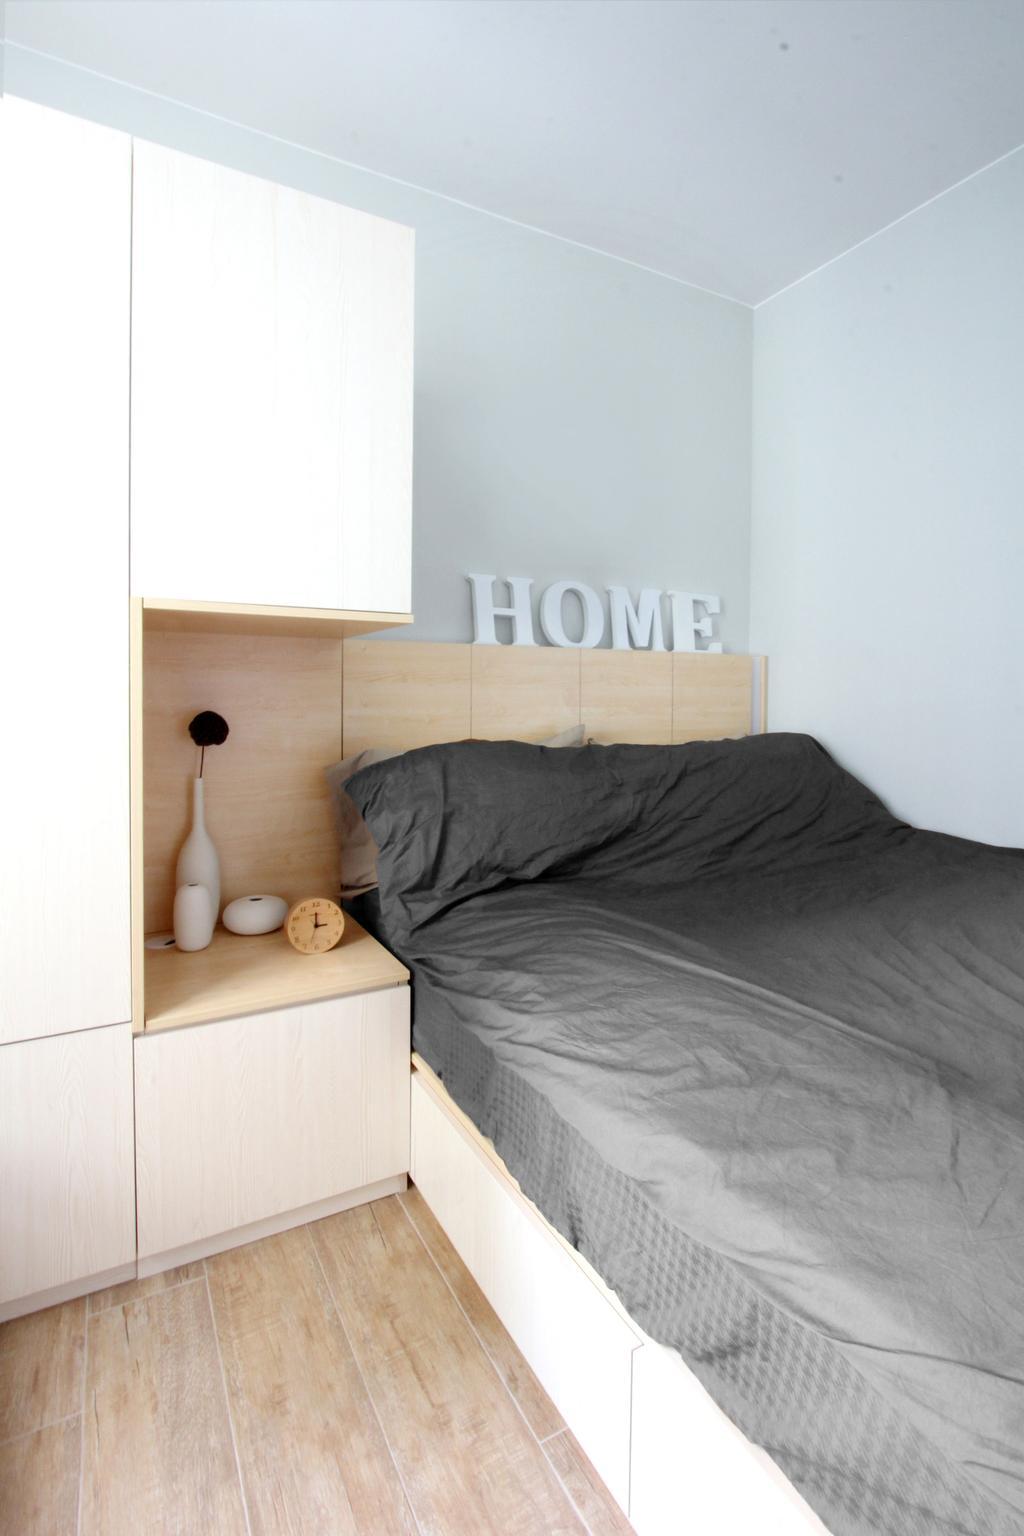 北歐, 公屋/居屋, 睡房, 寧峰苑, 室內設計師, MNOP Design, 簡約